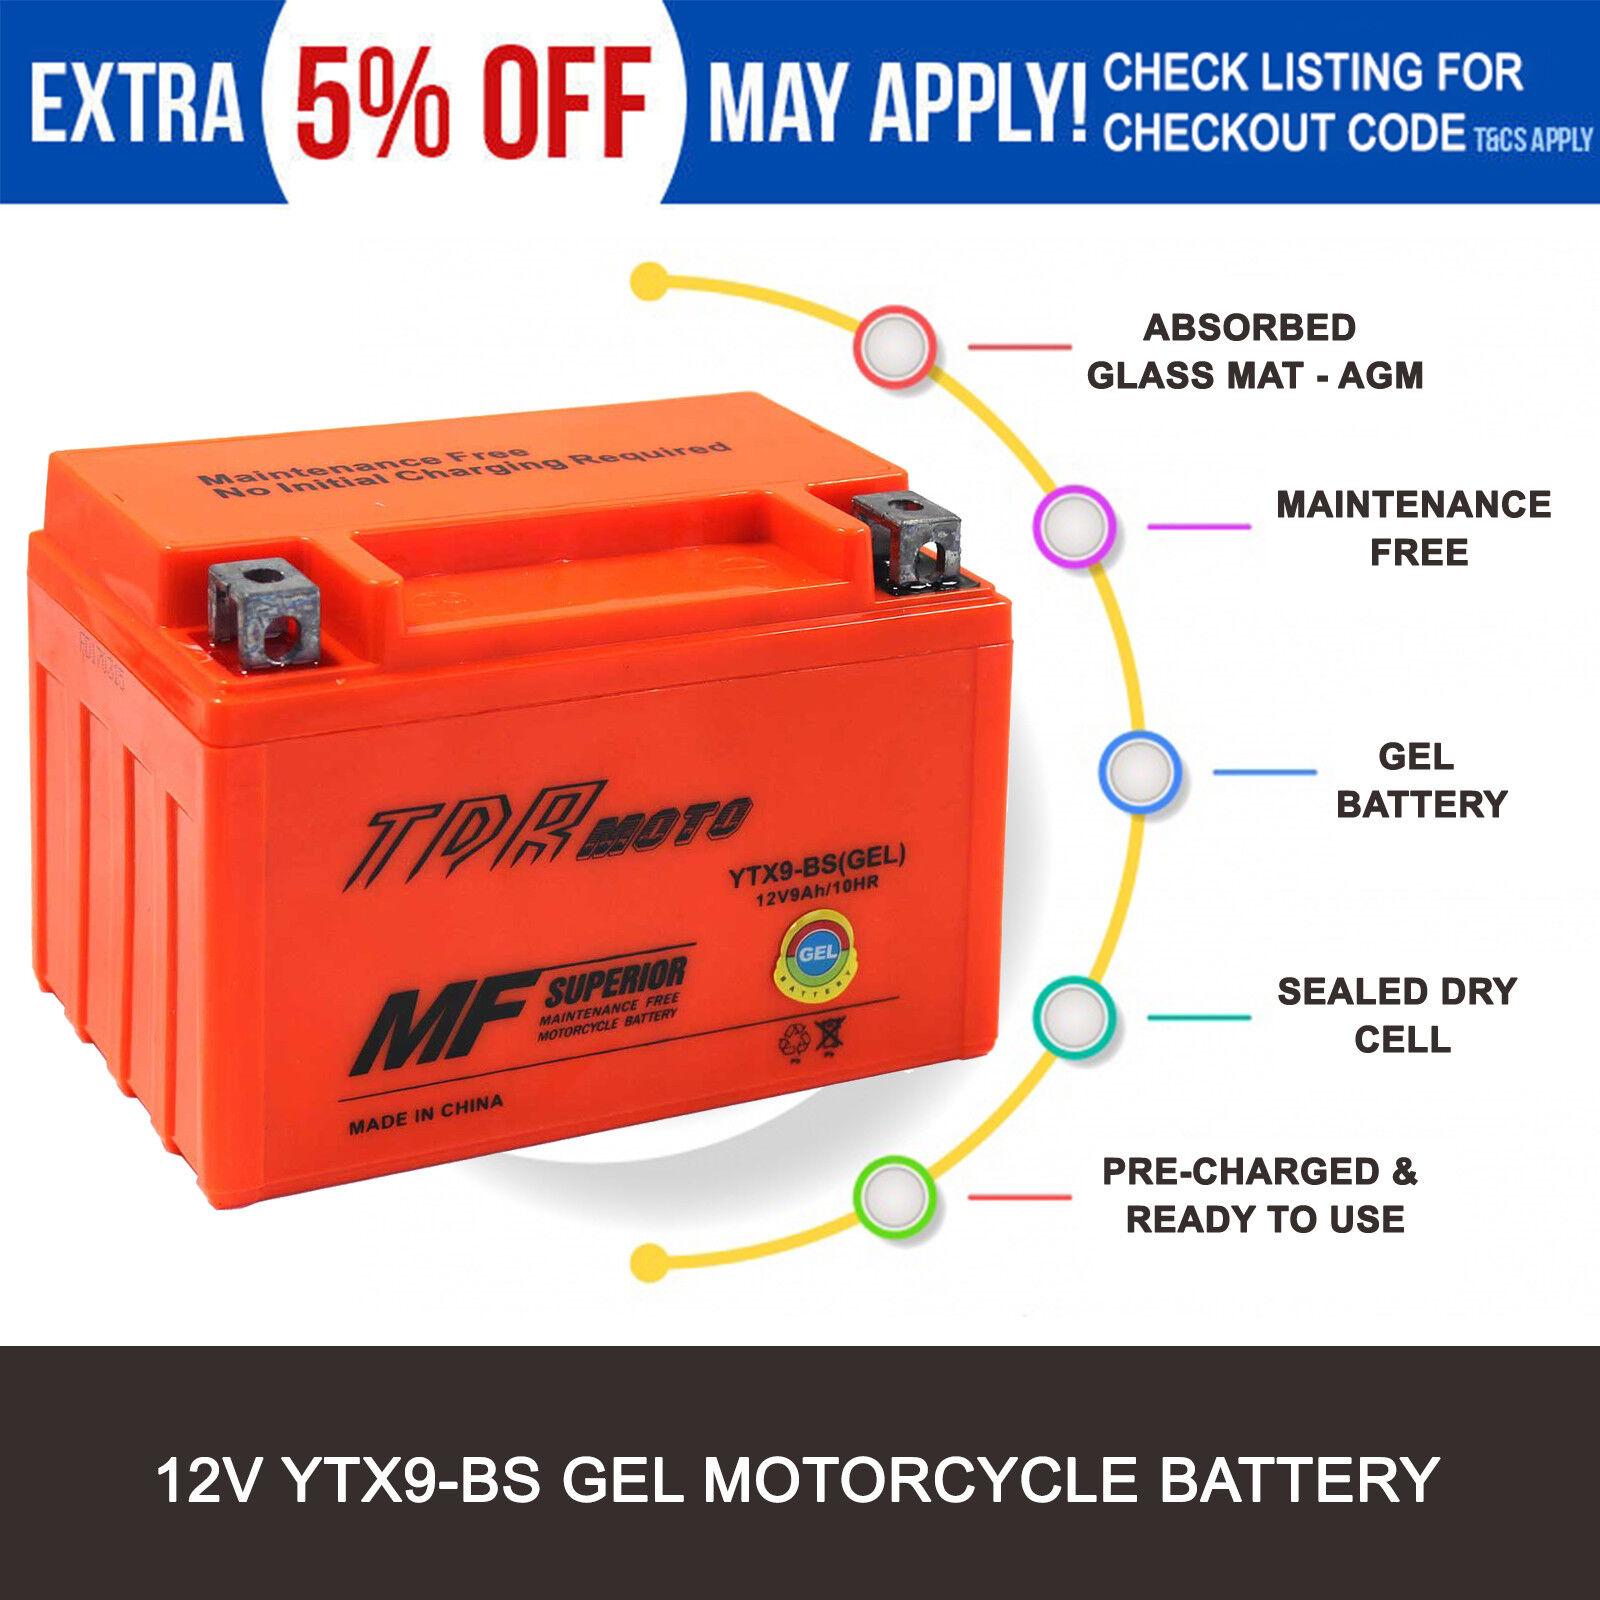 gel battery ytx9-bs for suzuki gsxr 600 650 750 bandit katana dr650se ktm  lc4